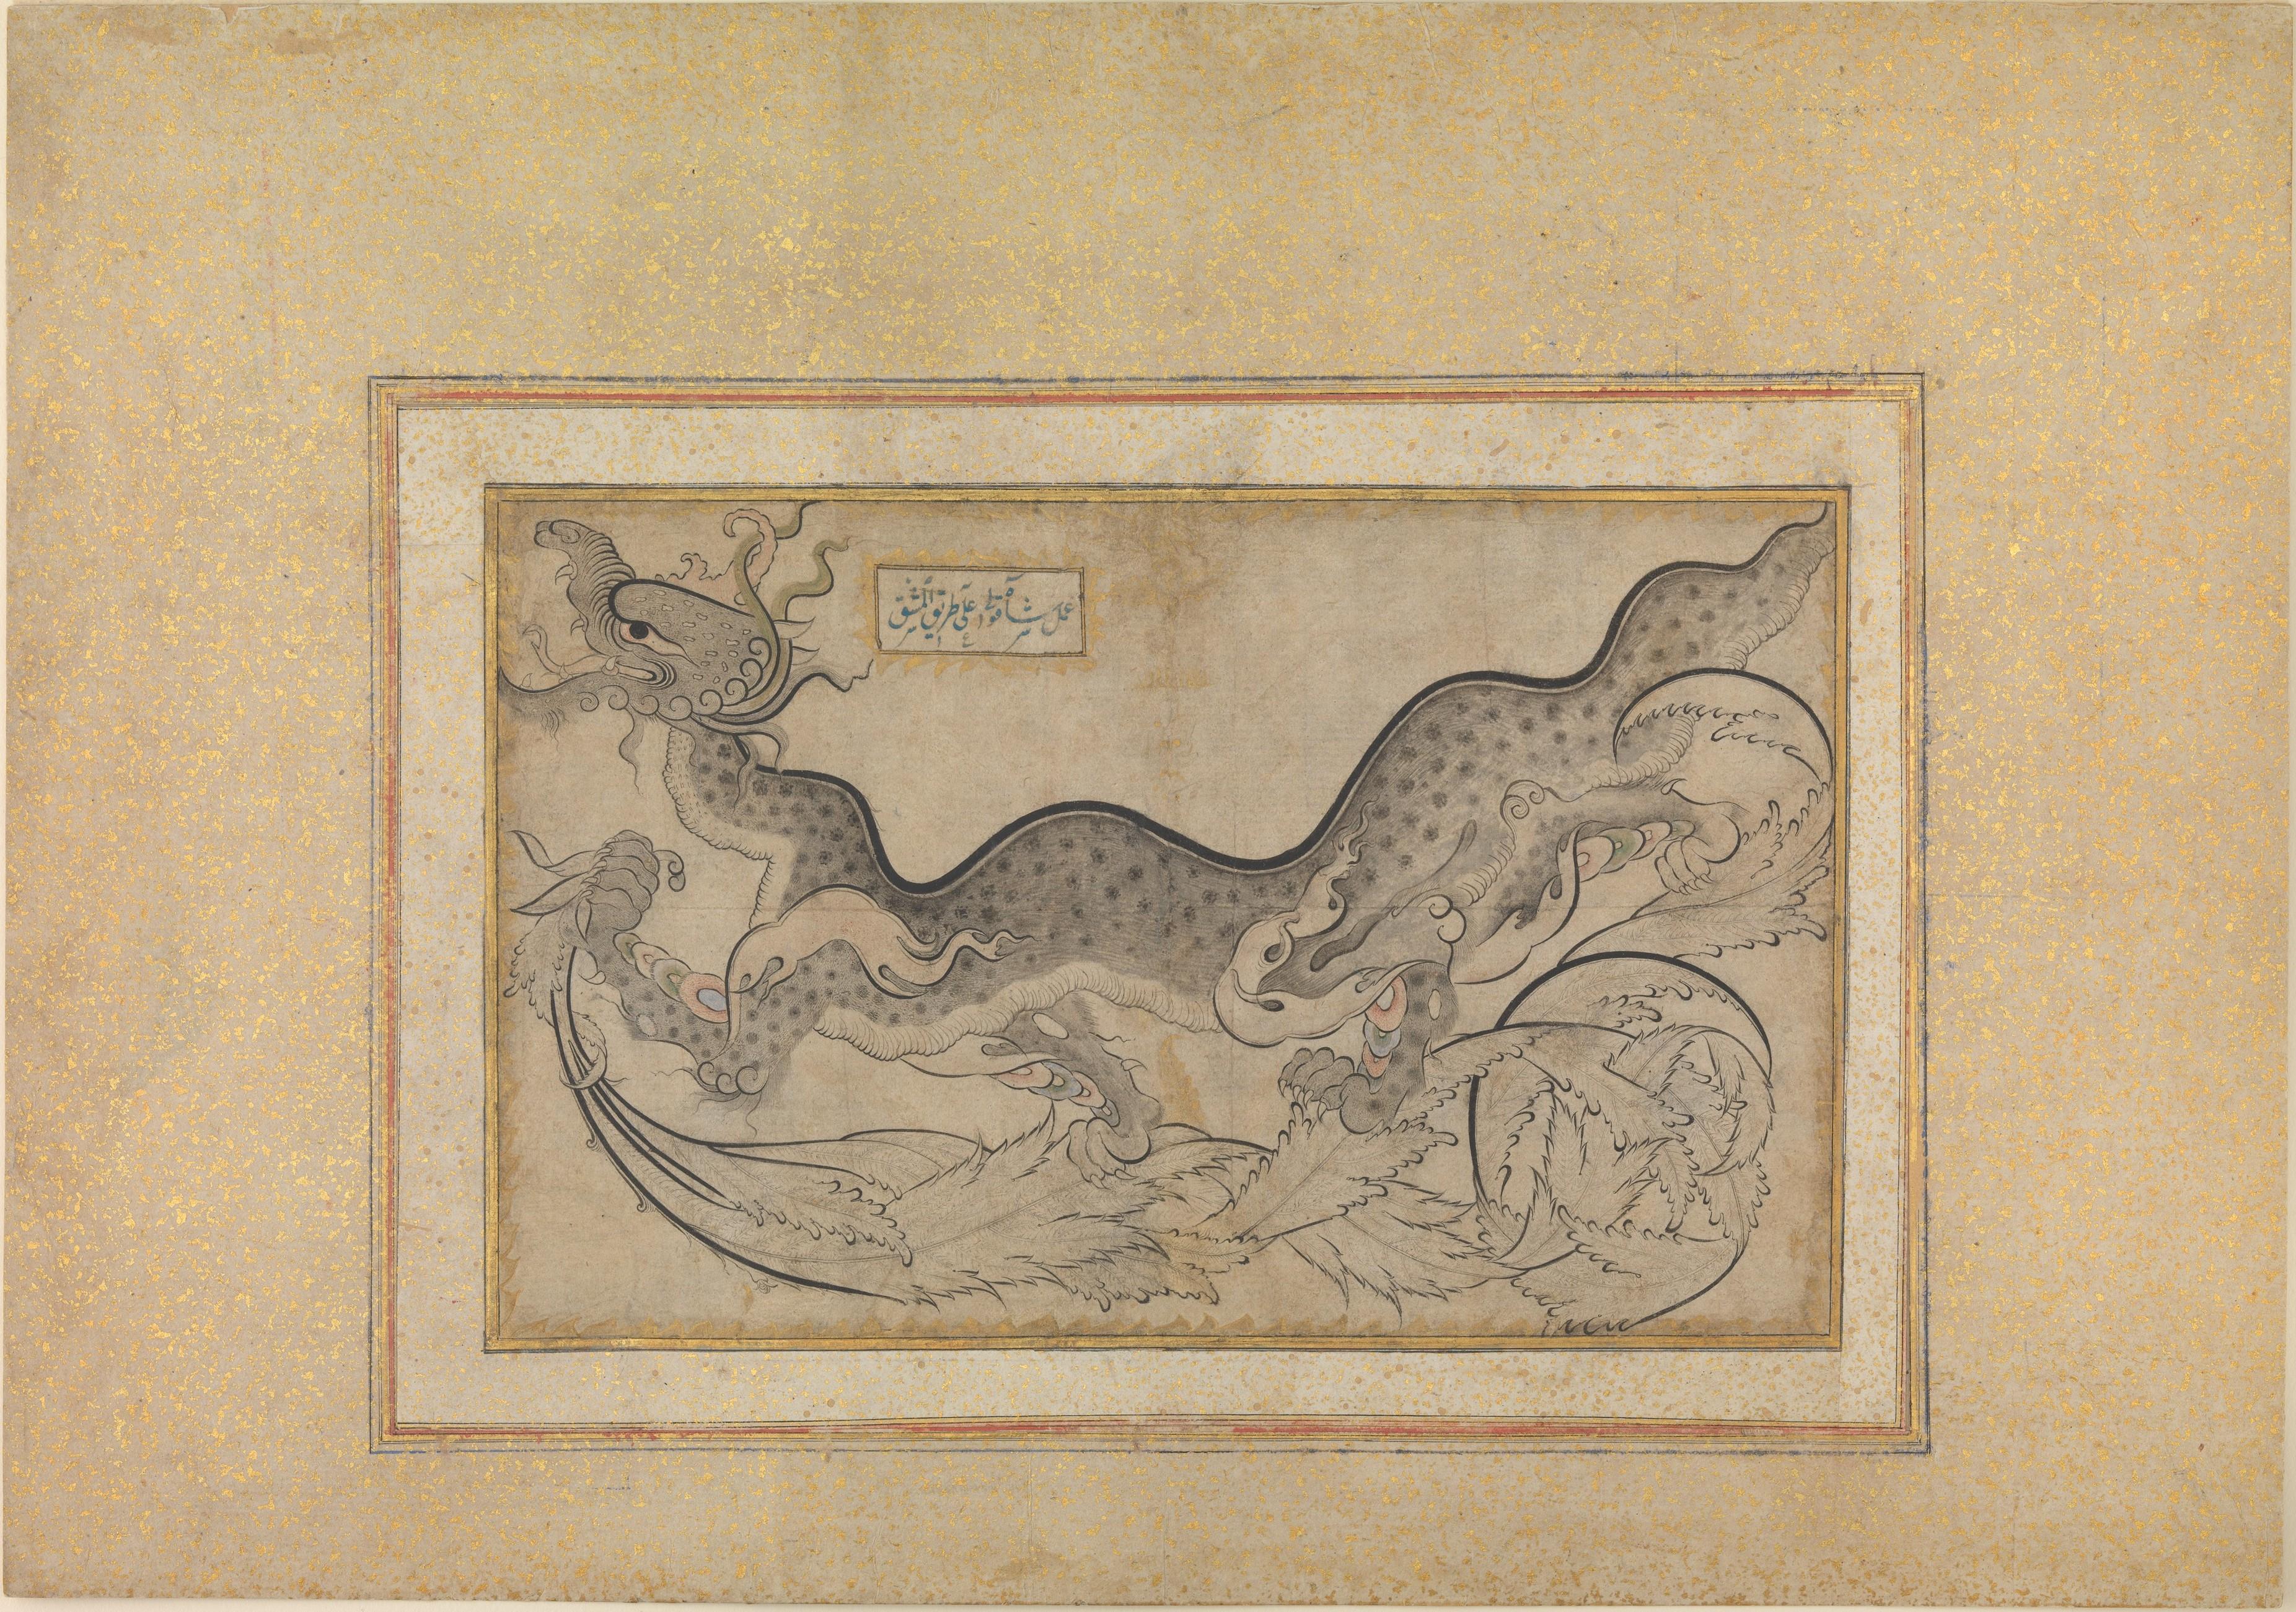 Shah Quli | 'Saz'-style Drawing of a Dragon amid Foliage